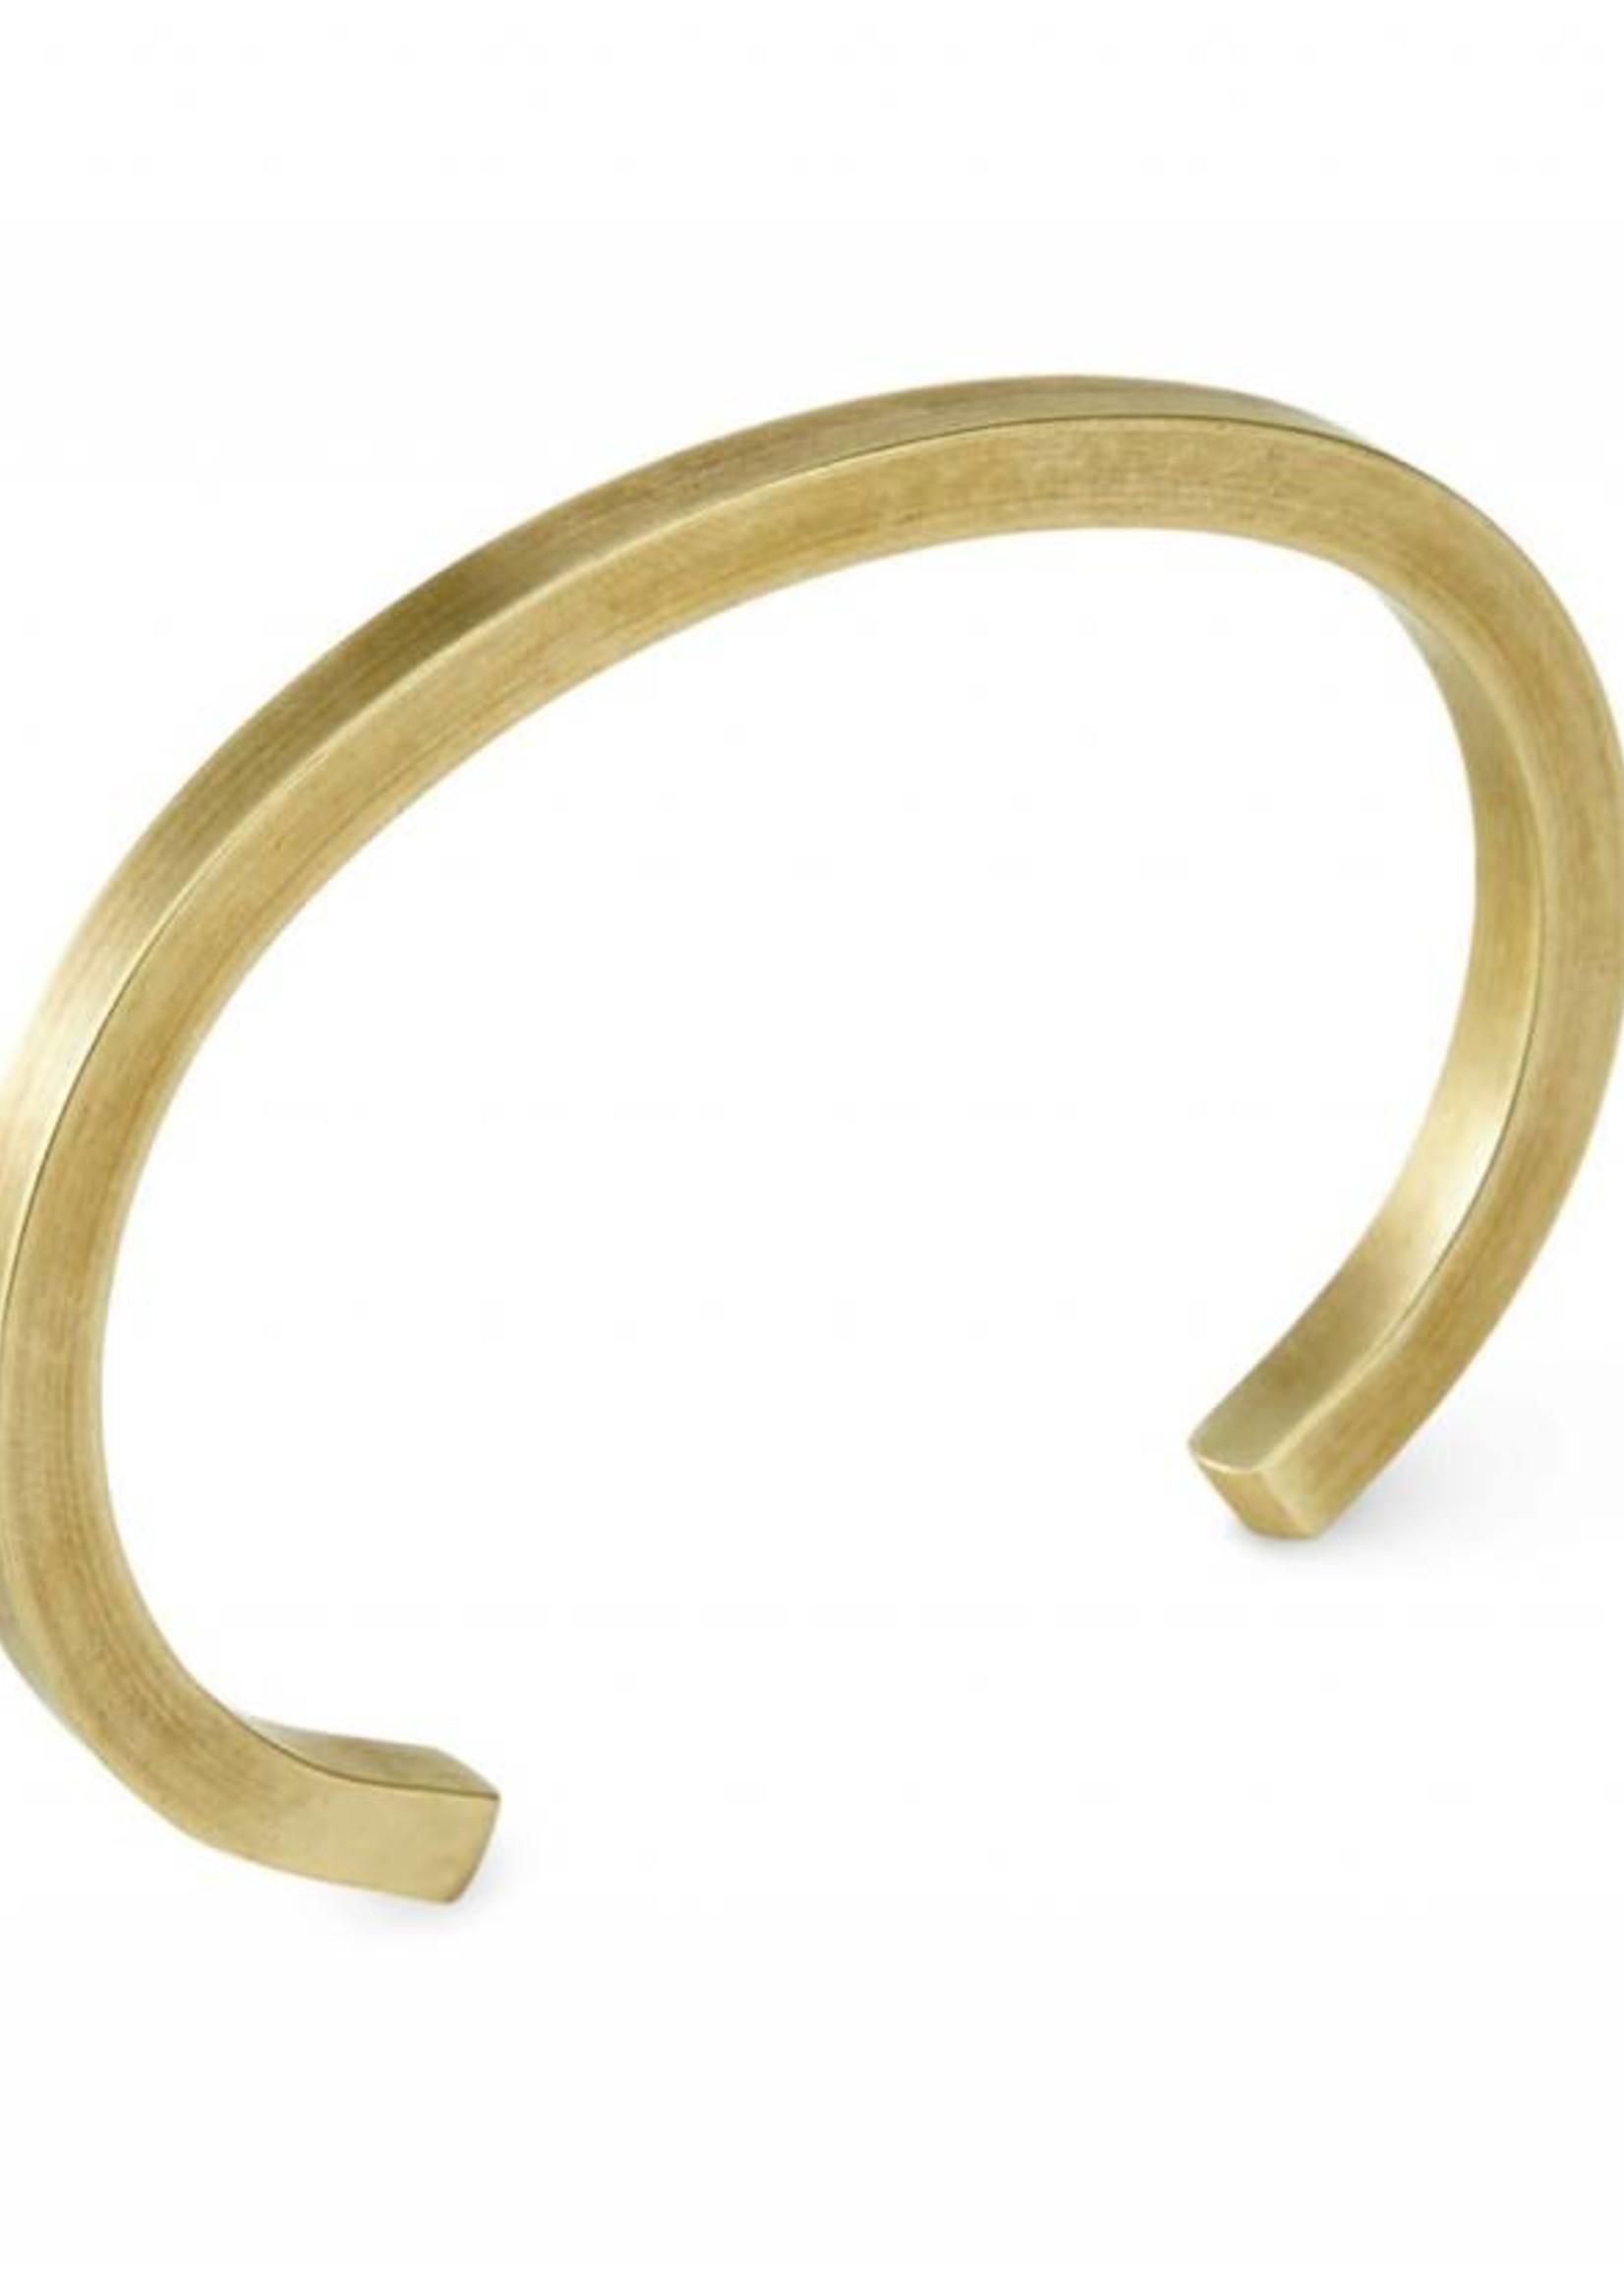 Craighill Uniform Square Cuff in Brass